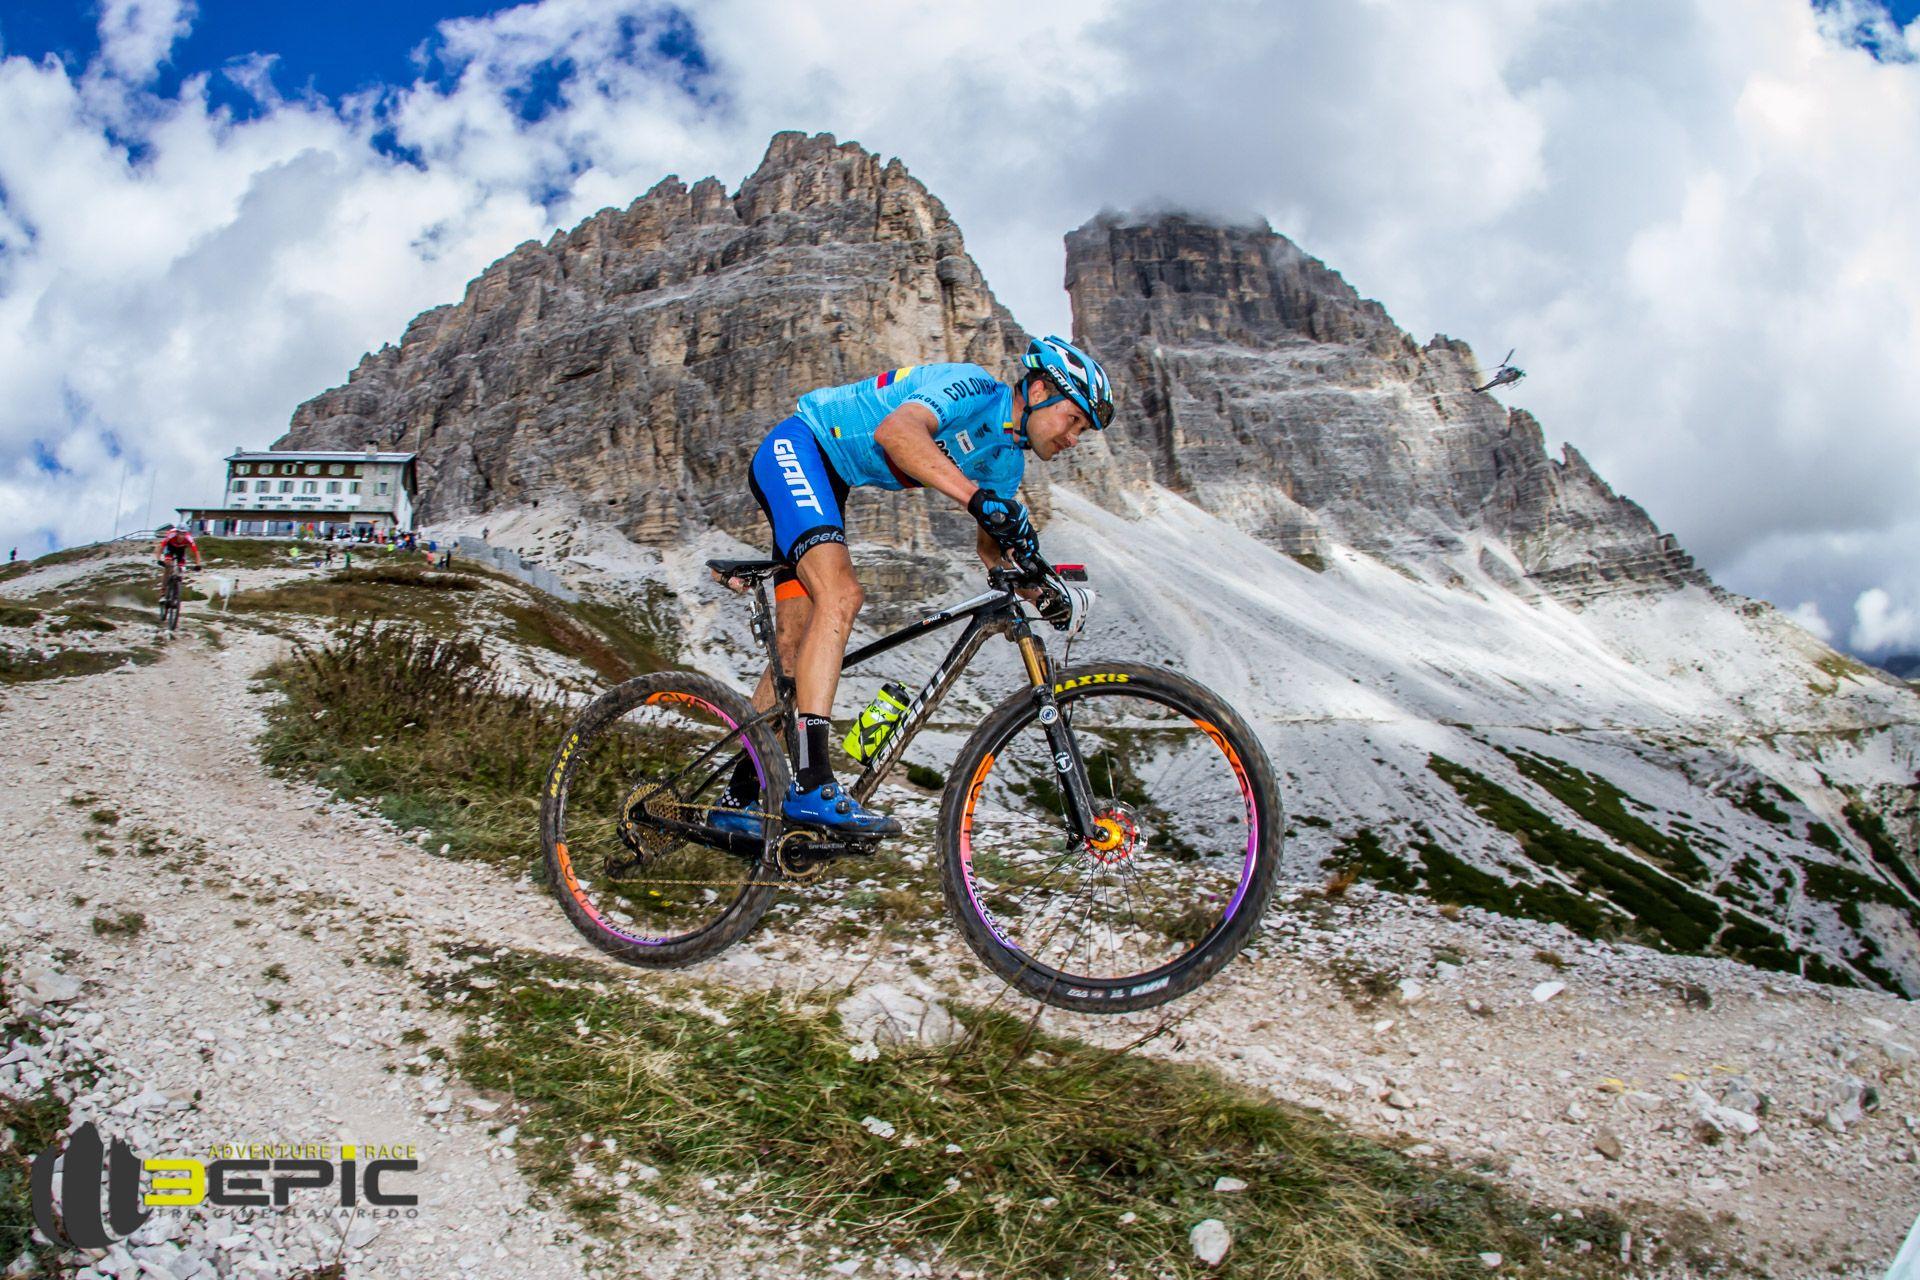 3 Epic - Campeonato del Mundo de bike-maraton